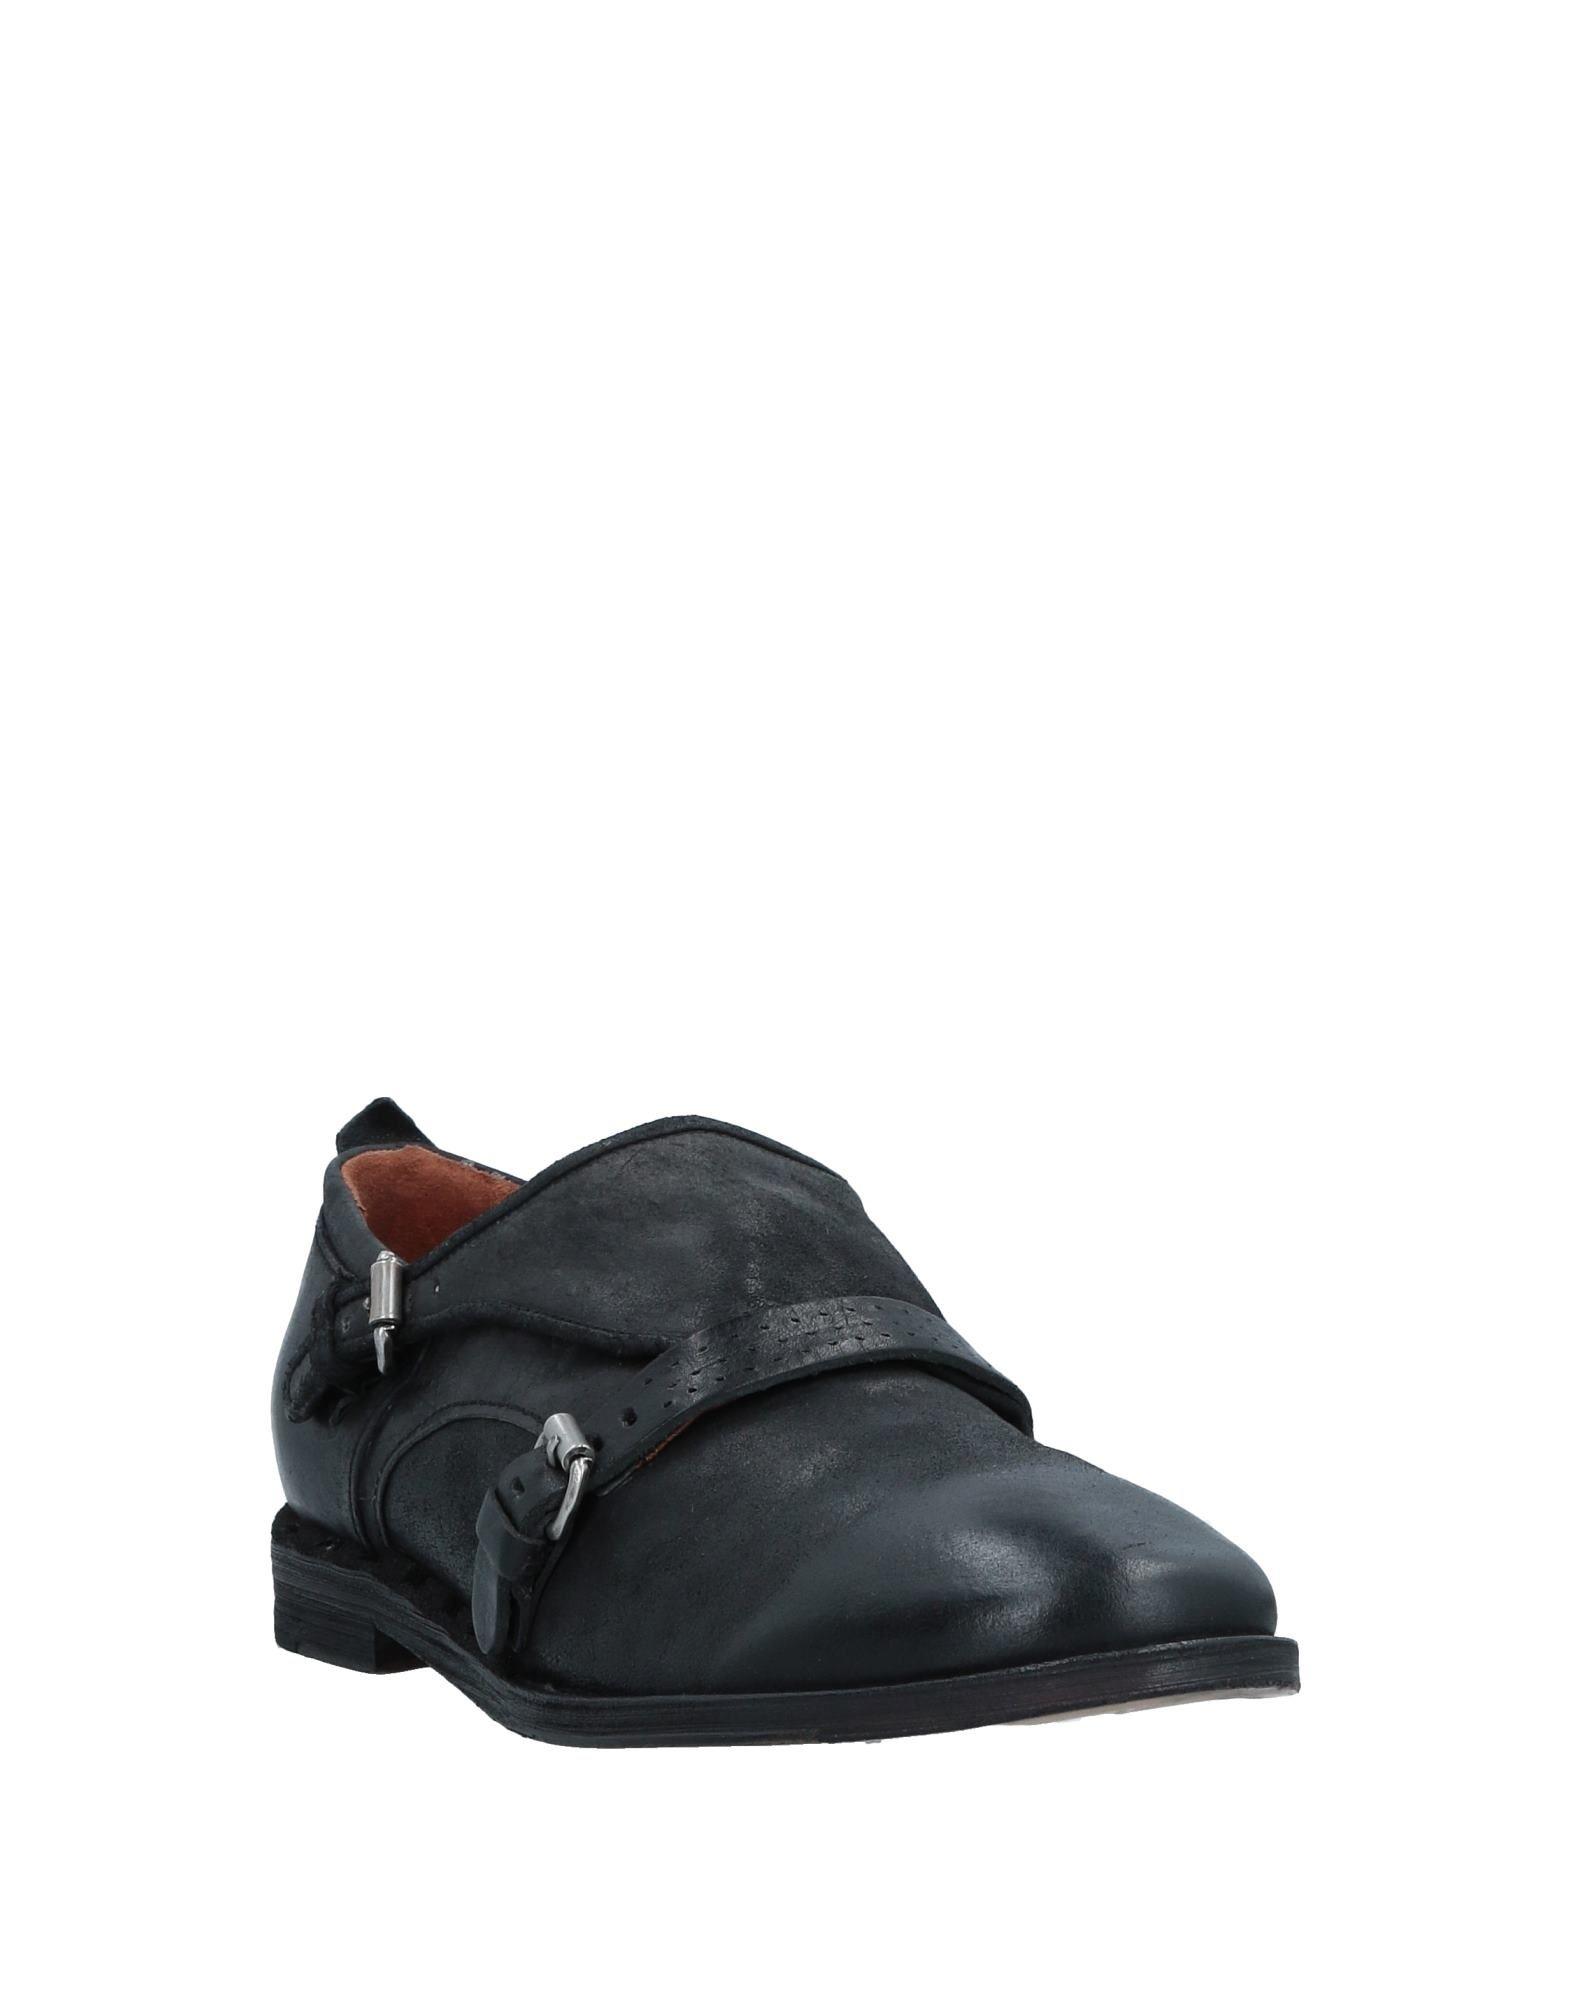 A.S. Schuhe 98 Mokassins Herren  11523149PO Neue Schuhe A.S. d4128a